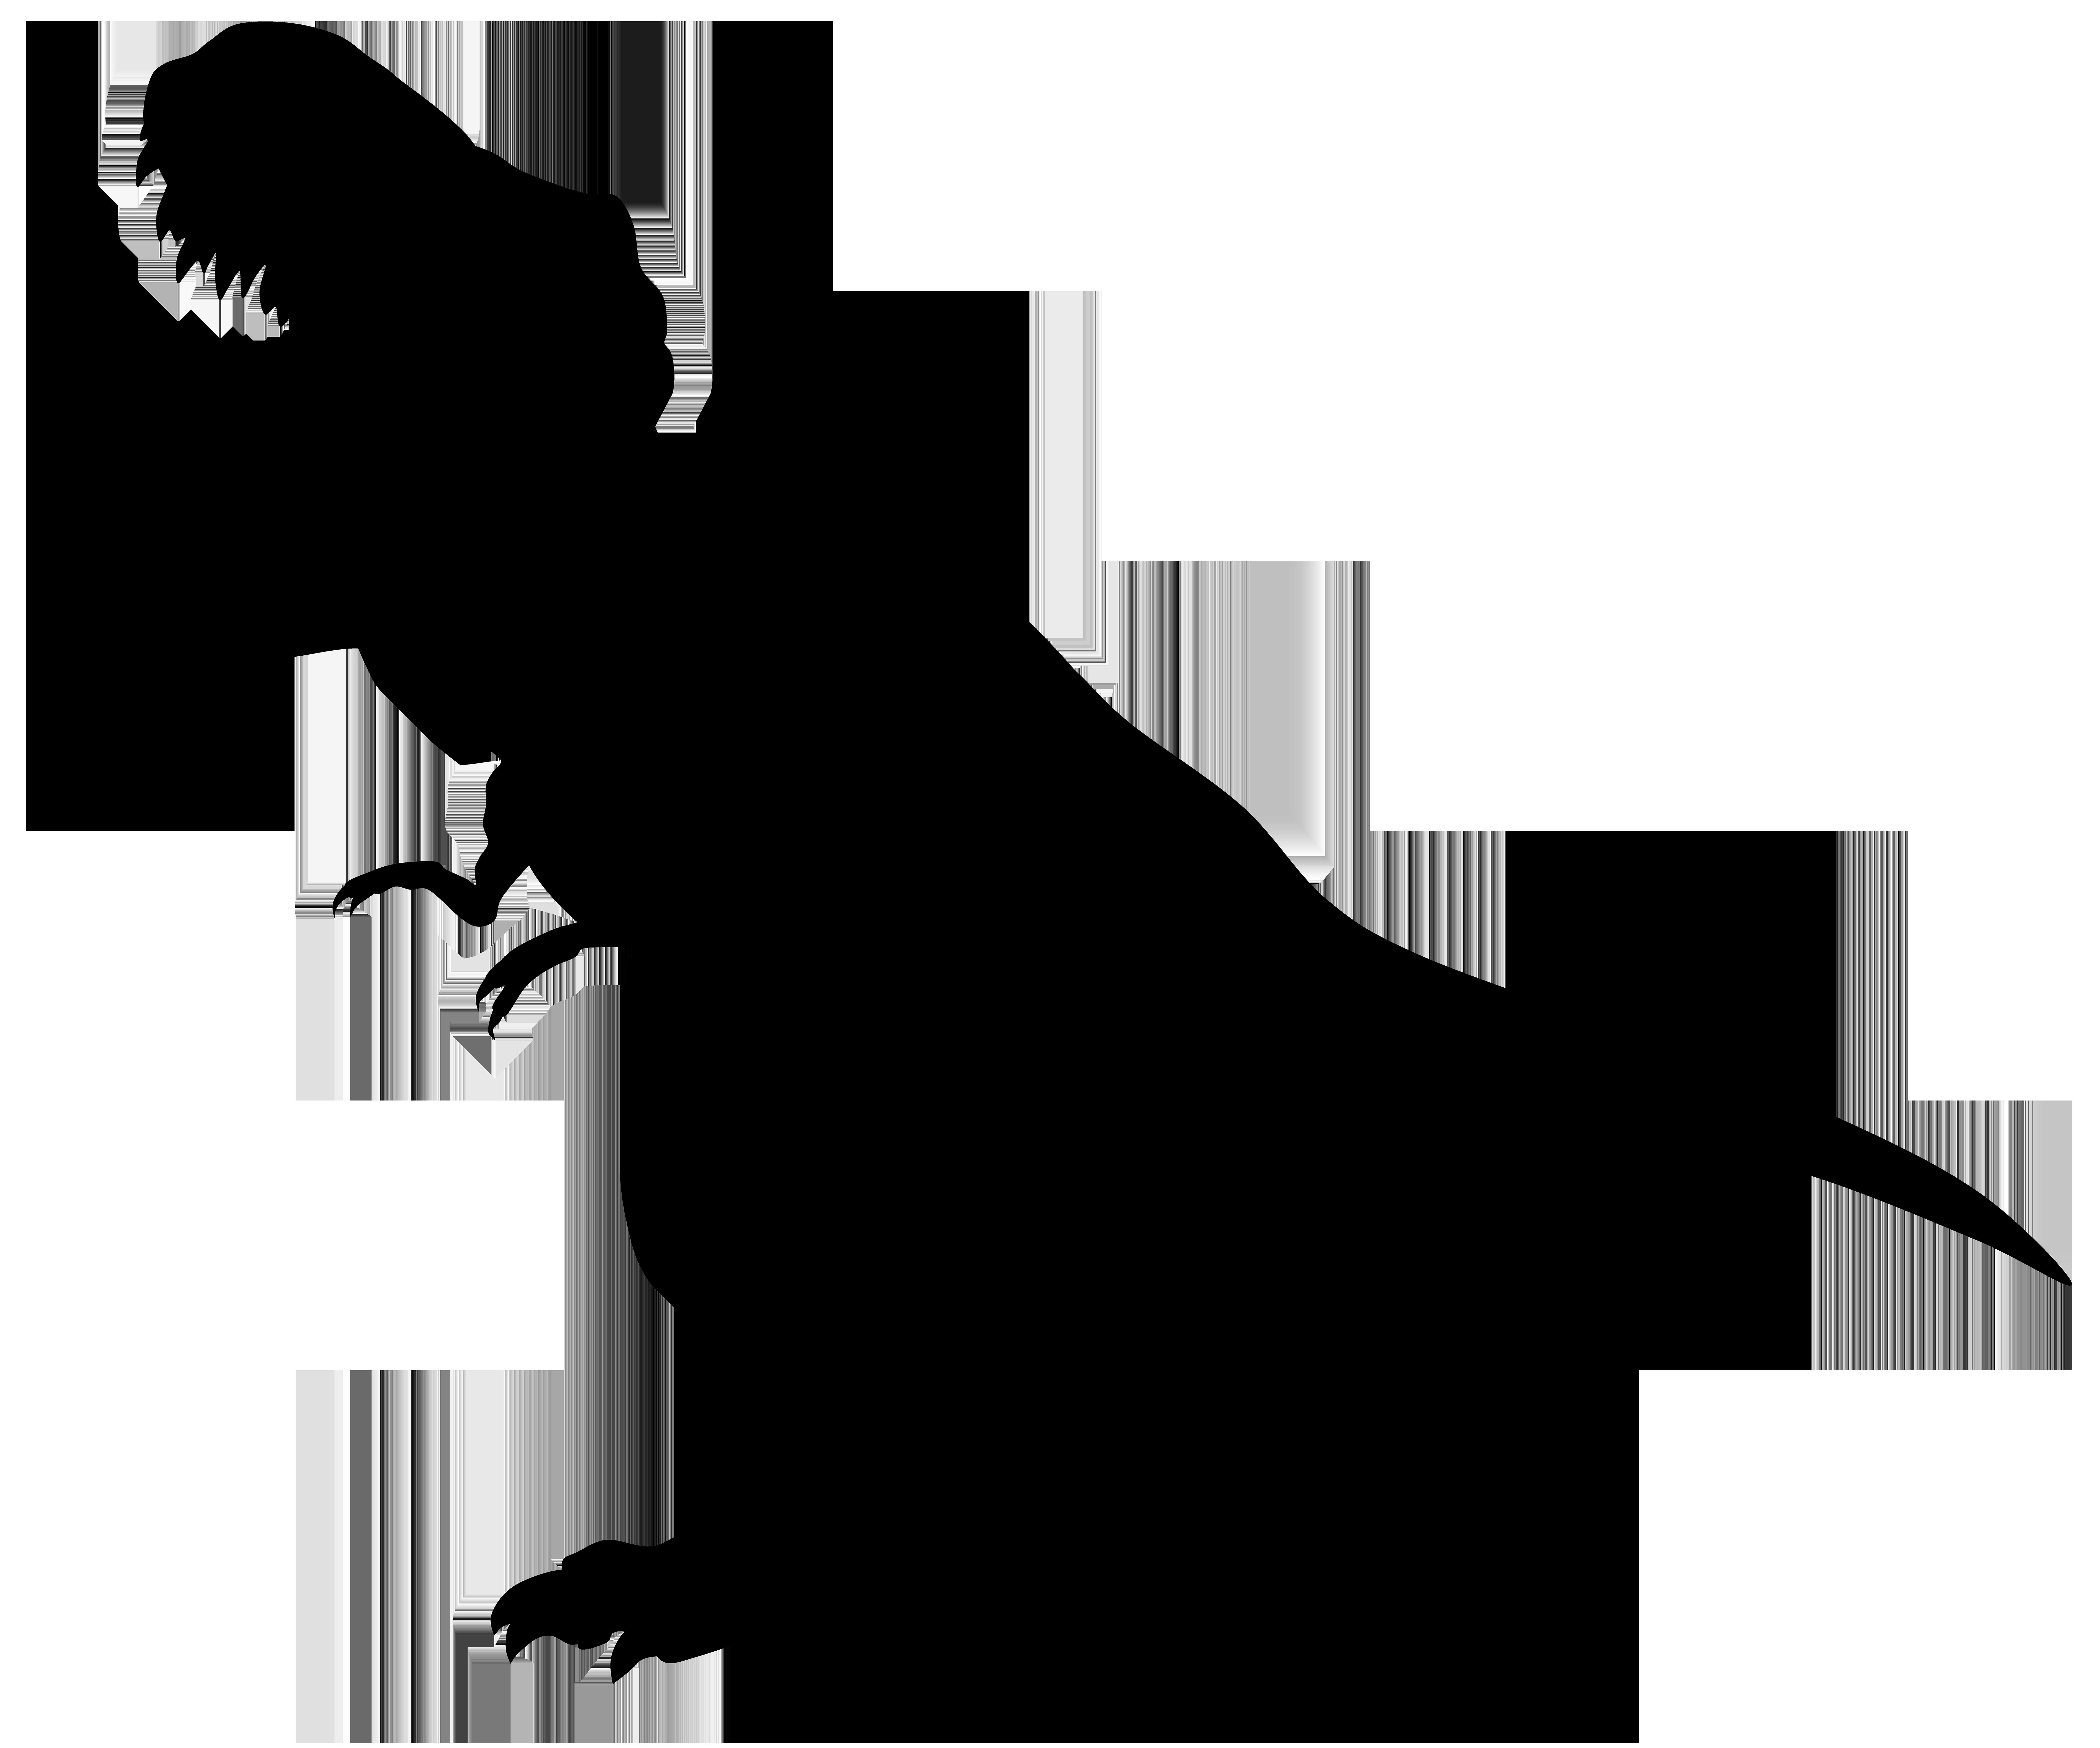 8000x6660 Dinosaur Rex Silhouette Png Transparent Clip Art Imageu200b Gallery